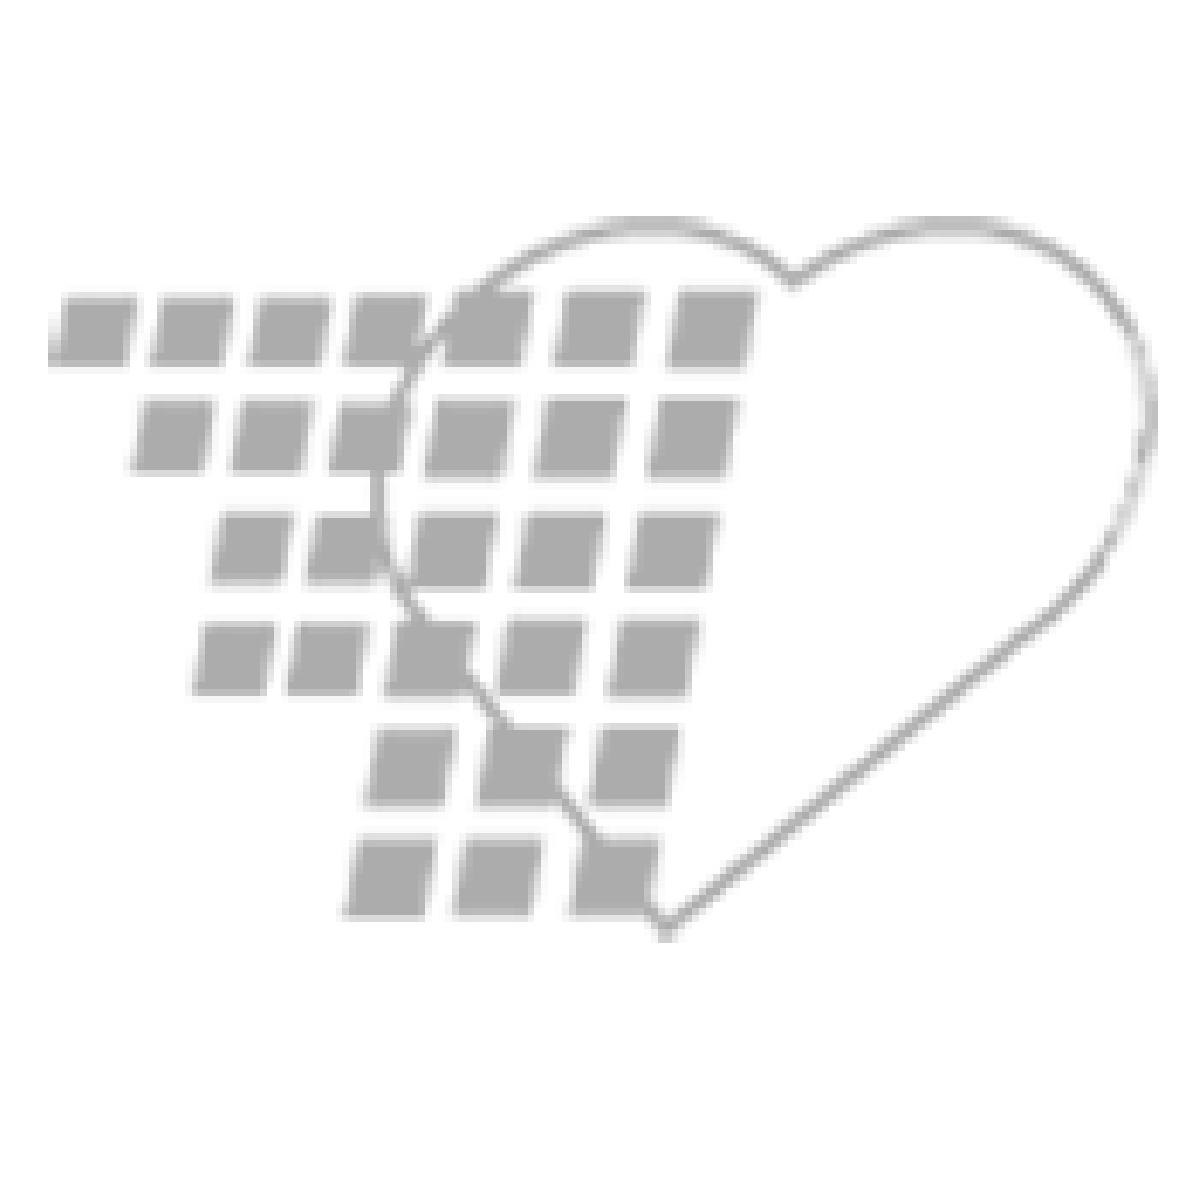 06-93-6934 Demo Dose® Verapaml Caln 2.5 mg mL 2 mL